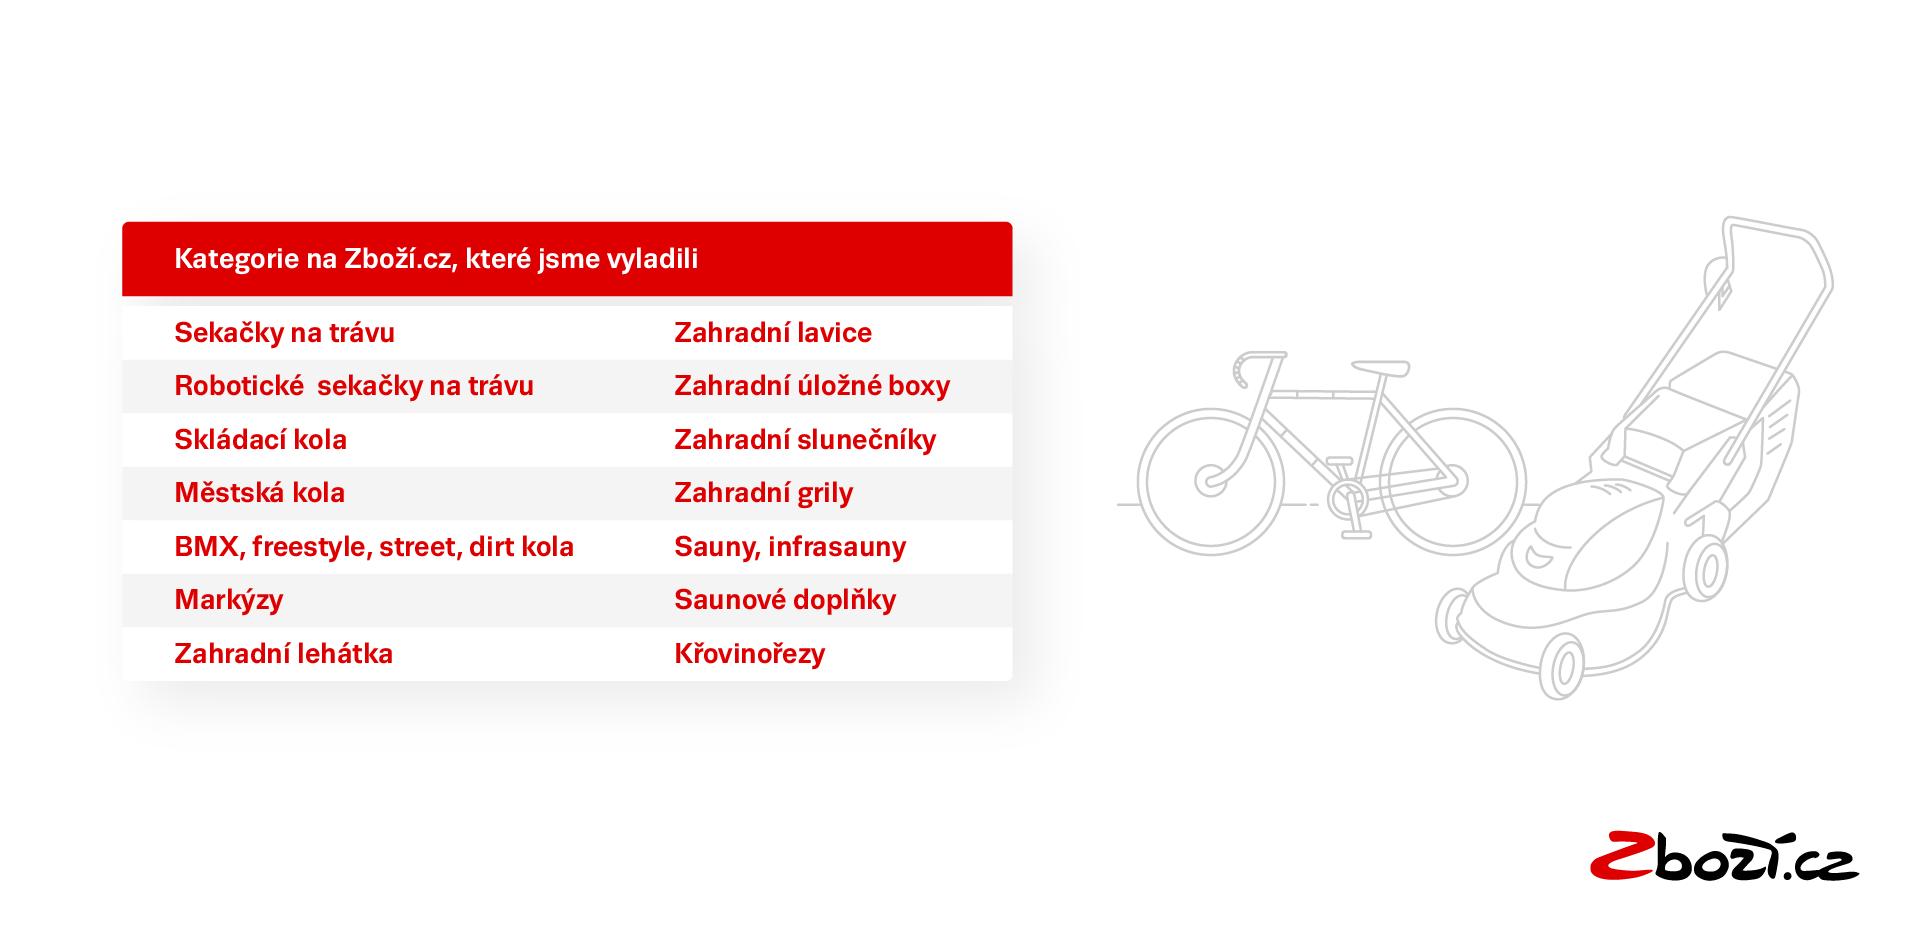 Vyladěné kategorie na Zboží.cz v dubnu – Blog Seznam.cz 4c077ad79b9